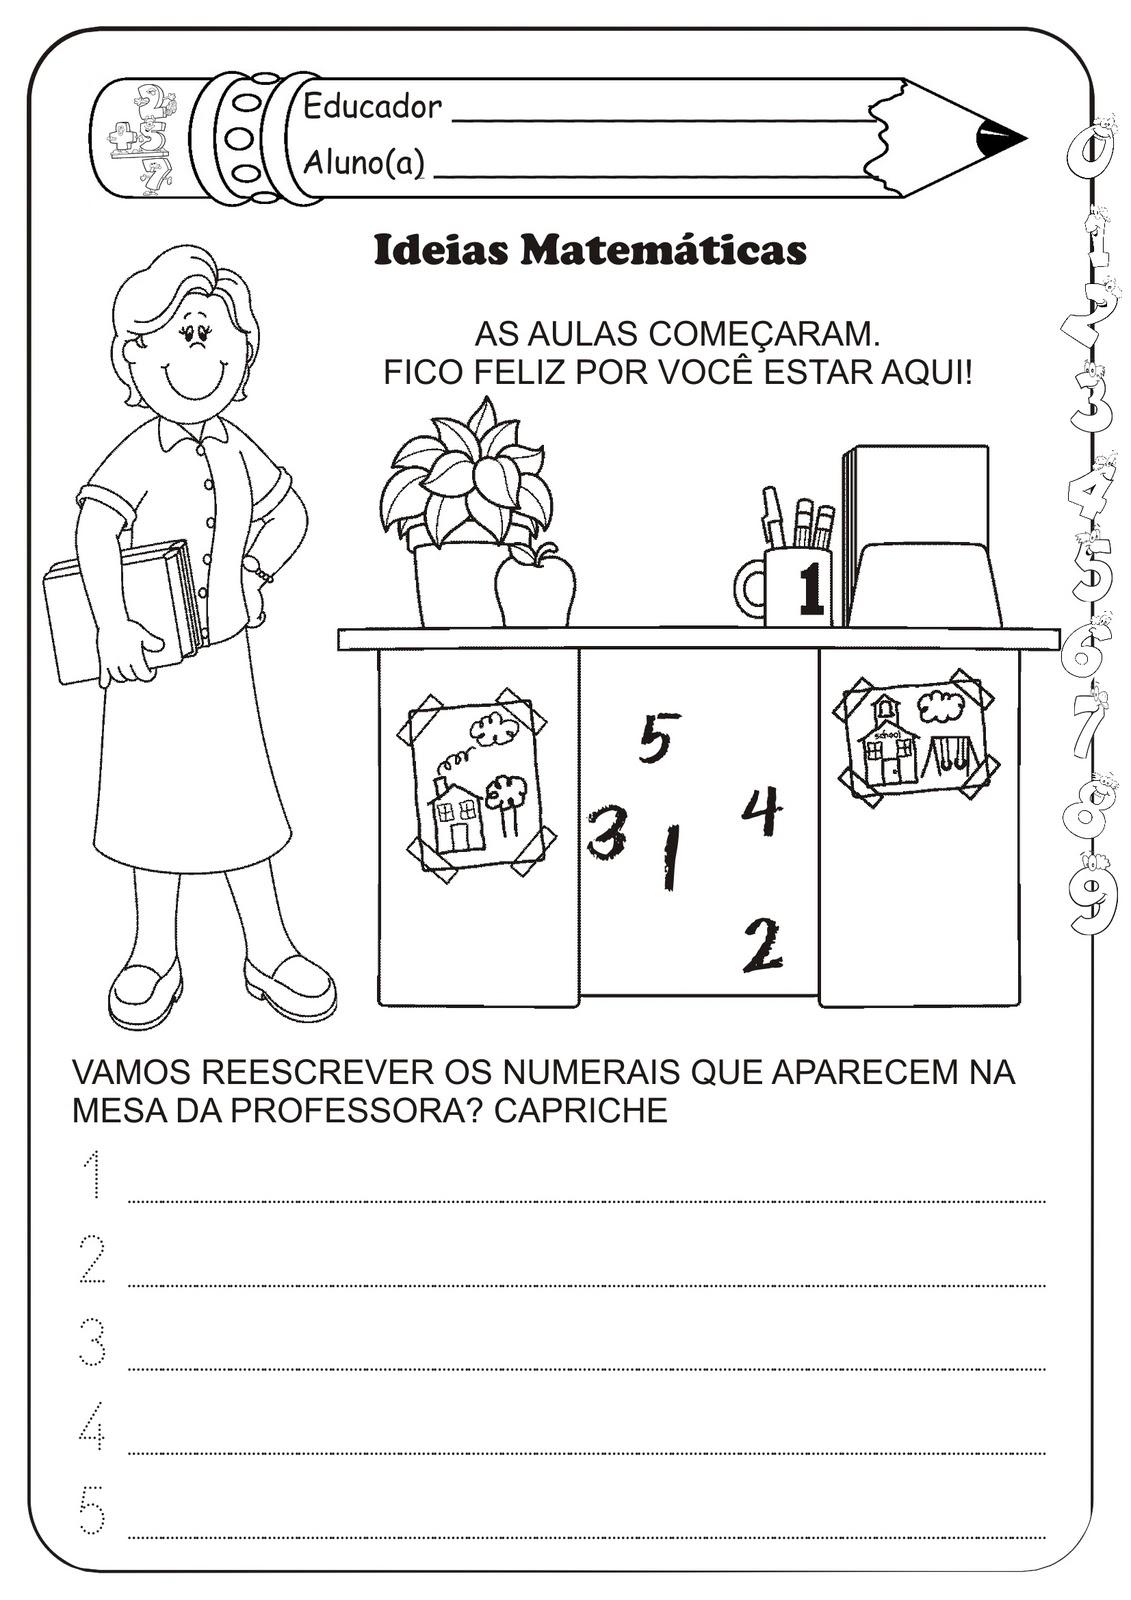 Muitas vezes Atividade Matemática Volta ás Aulas | Ideia Criativa - Gi Barbosa  TF24